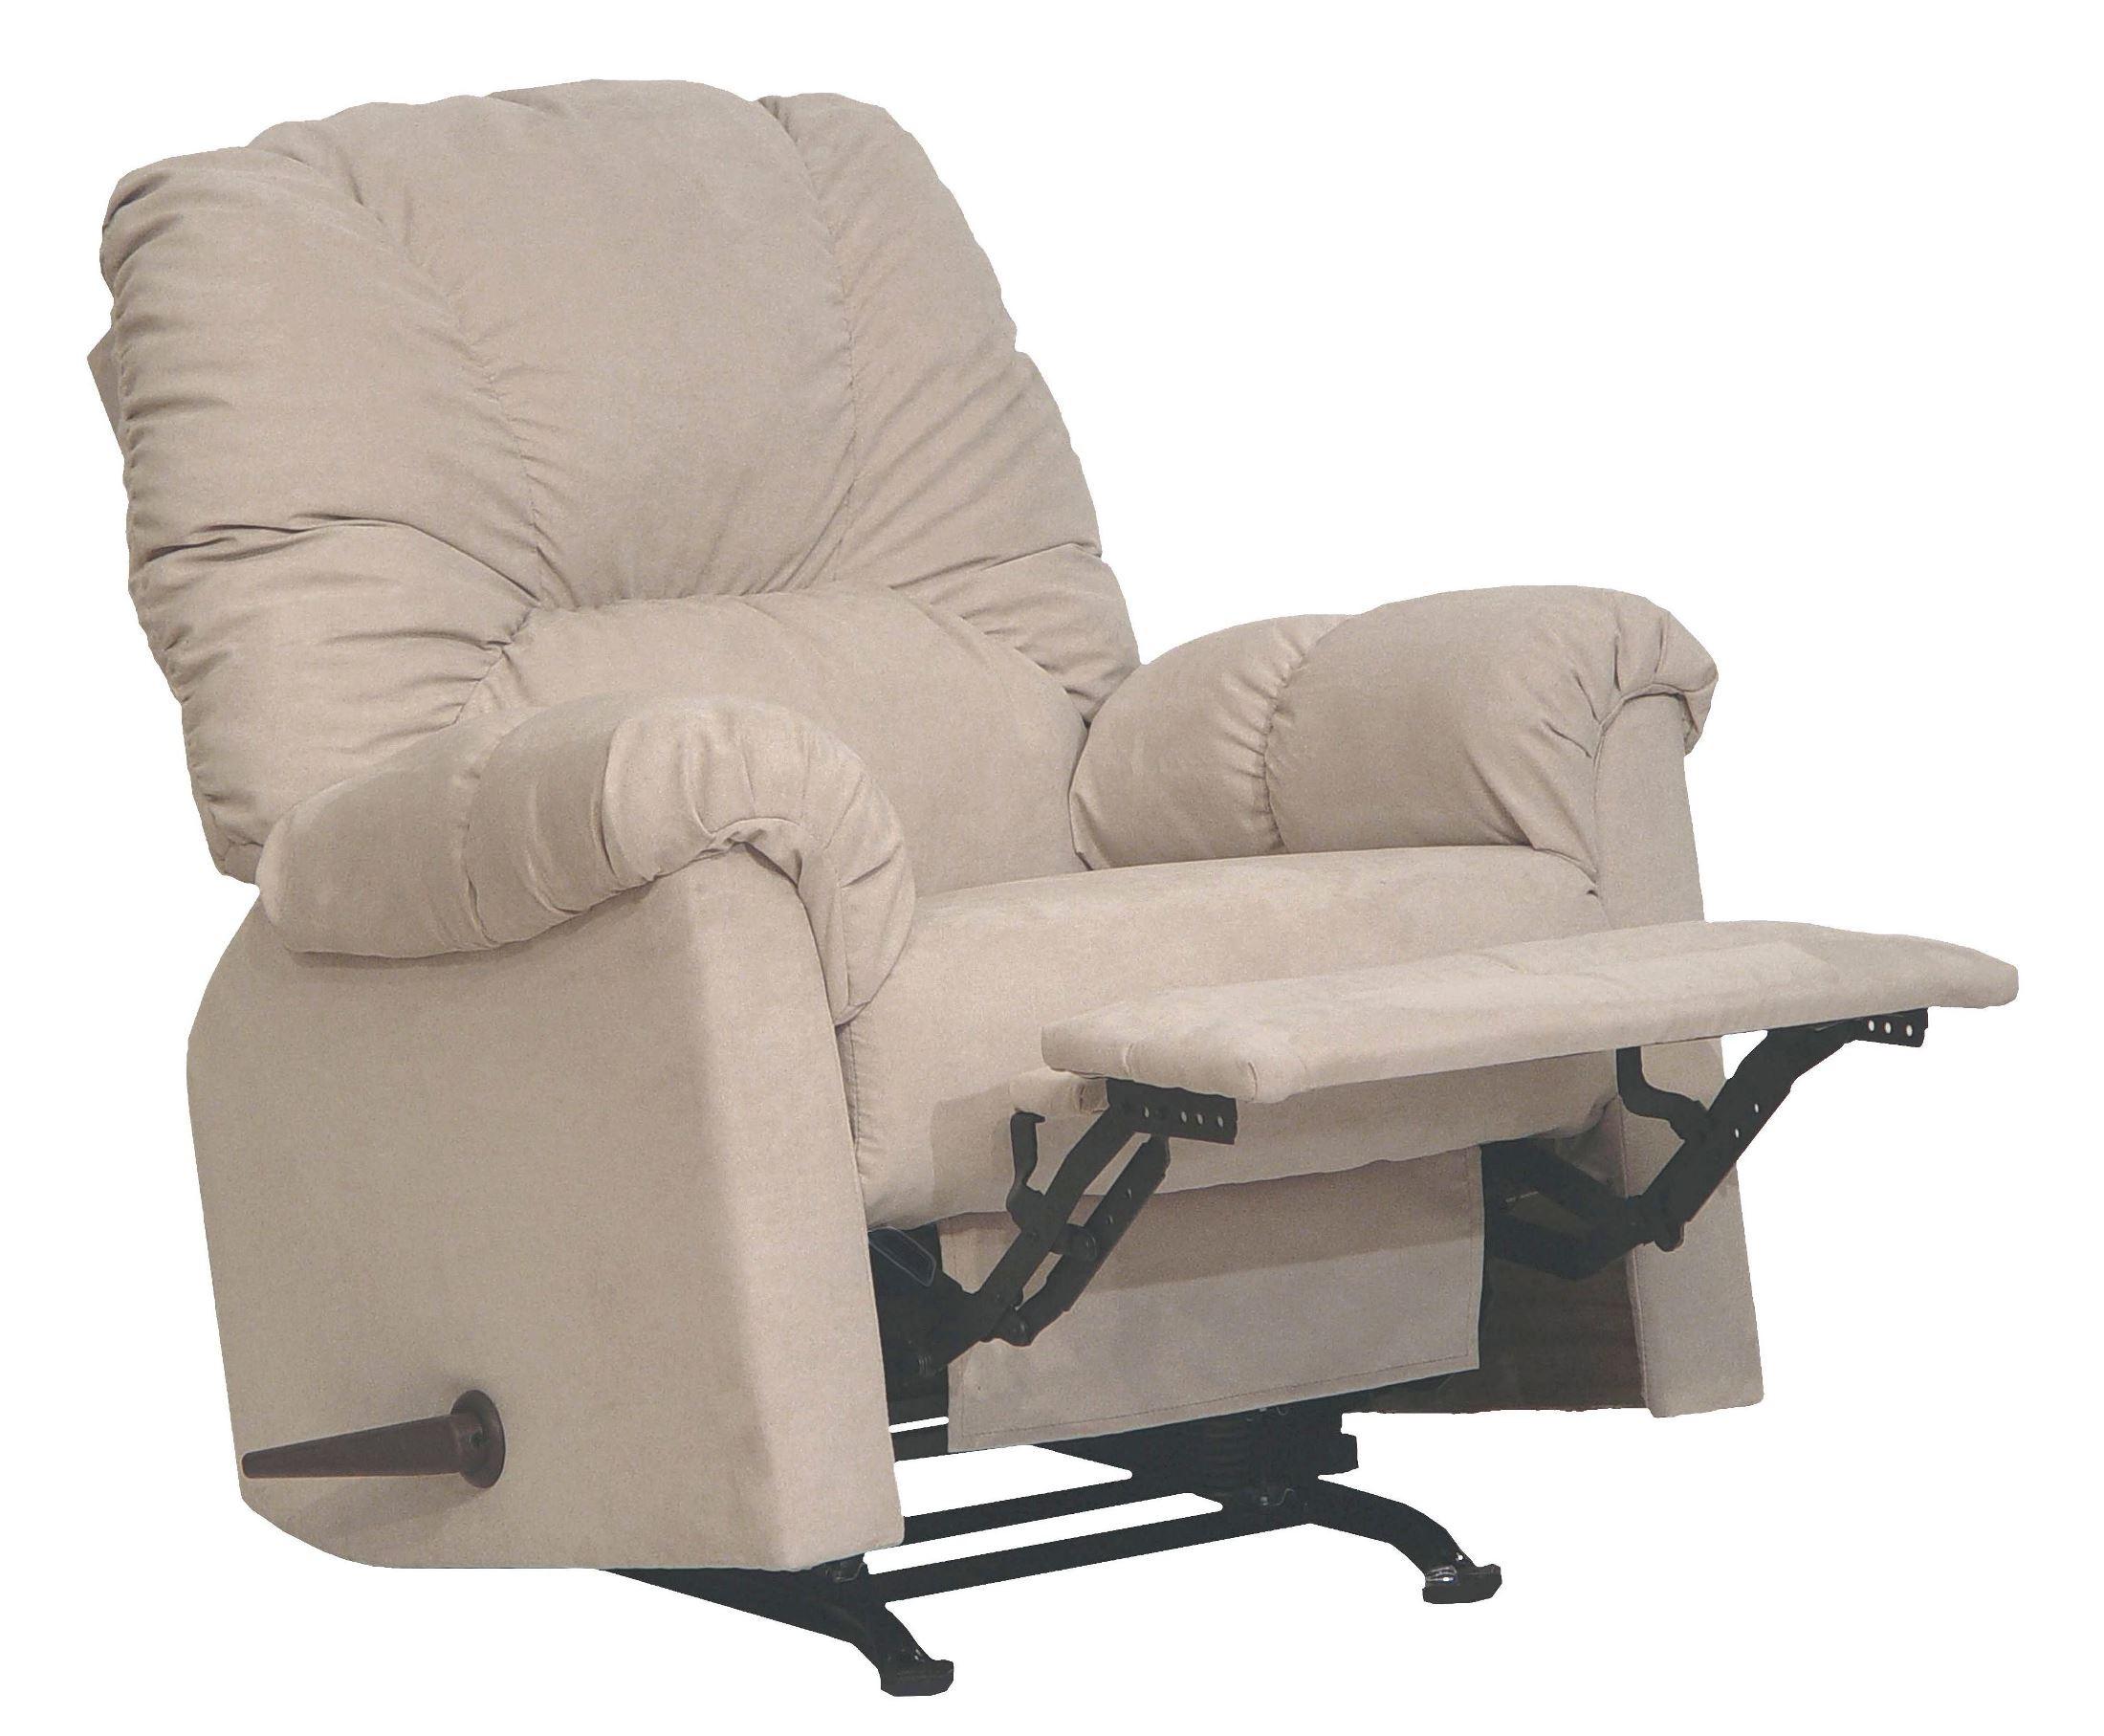 Winner linen rocker recliner from catnapper 42342211236 for Catnapper cloud nine chaise recliner